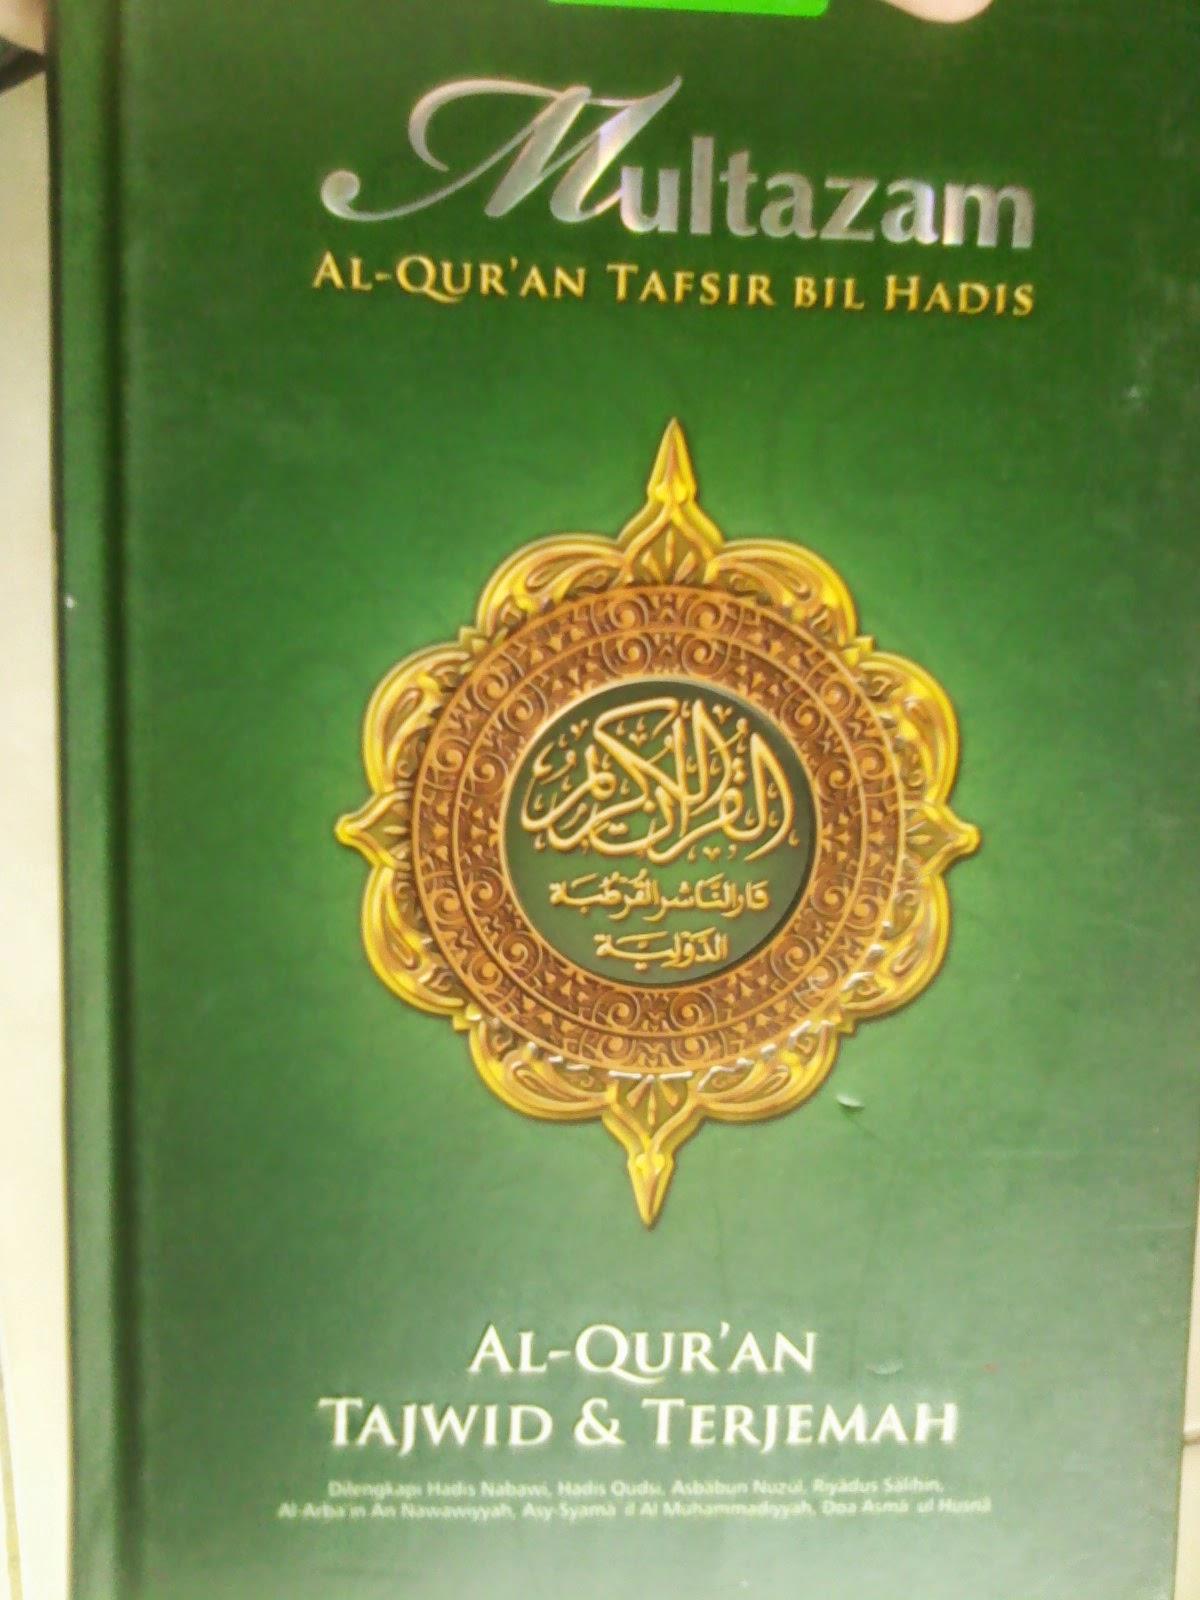 beli Al Quran tafsir hadis tajwid dan terjemah al multazam murah